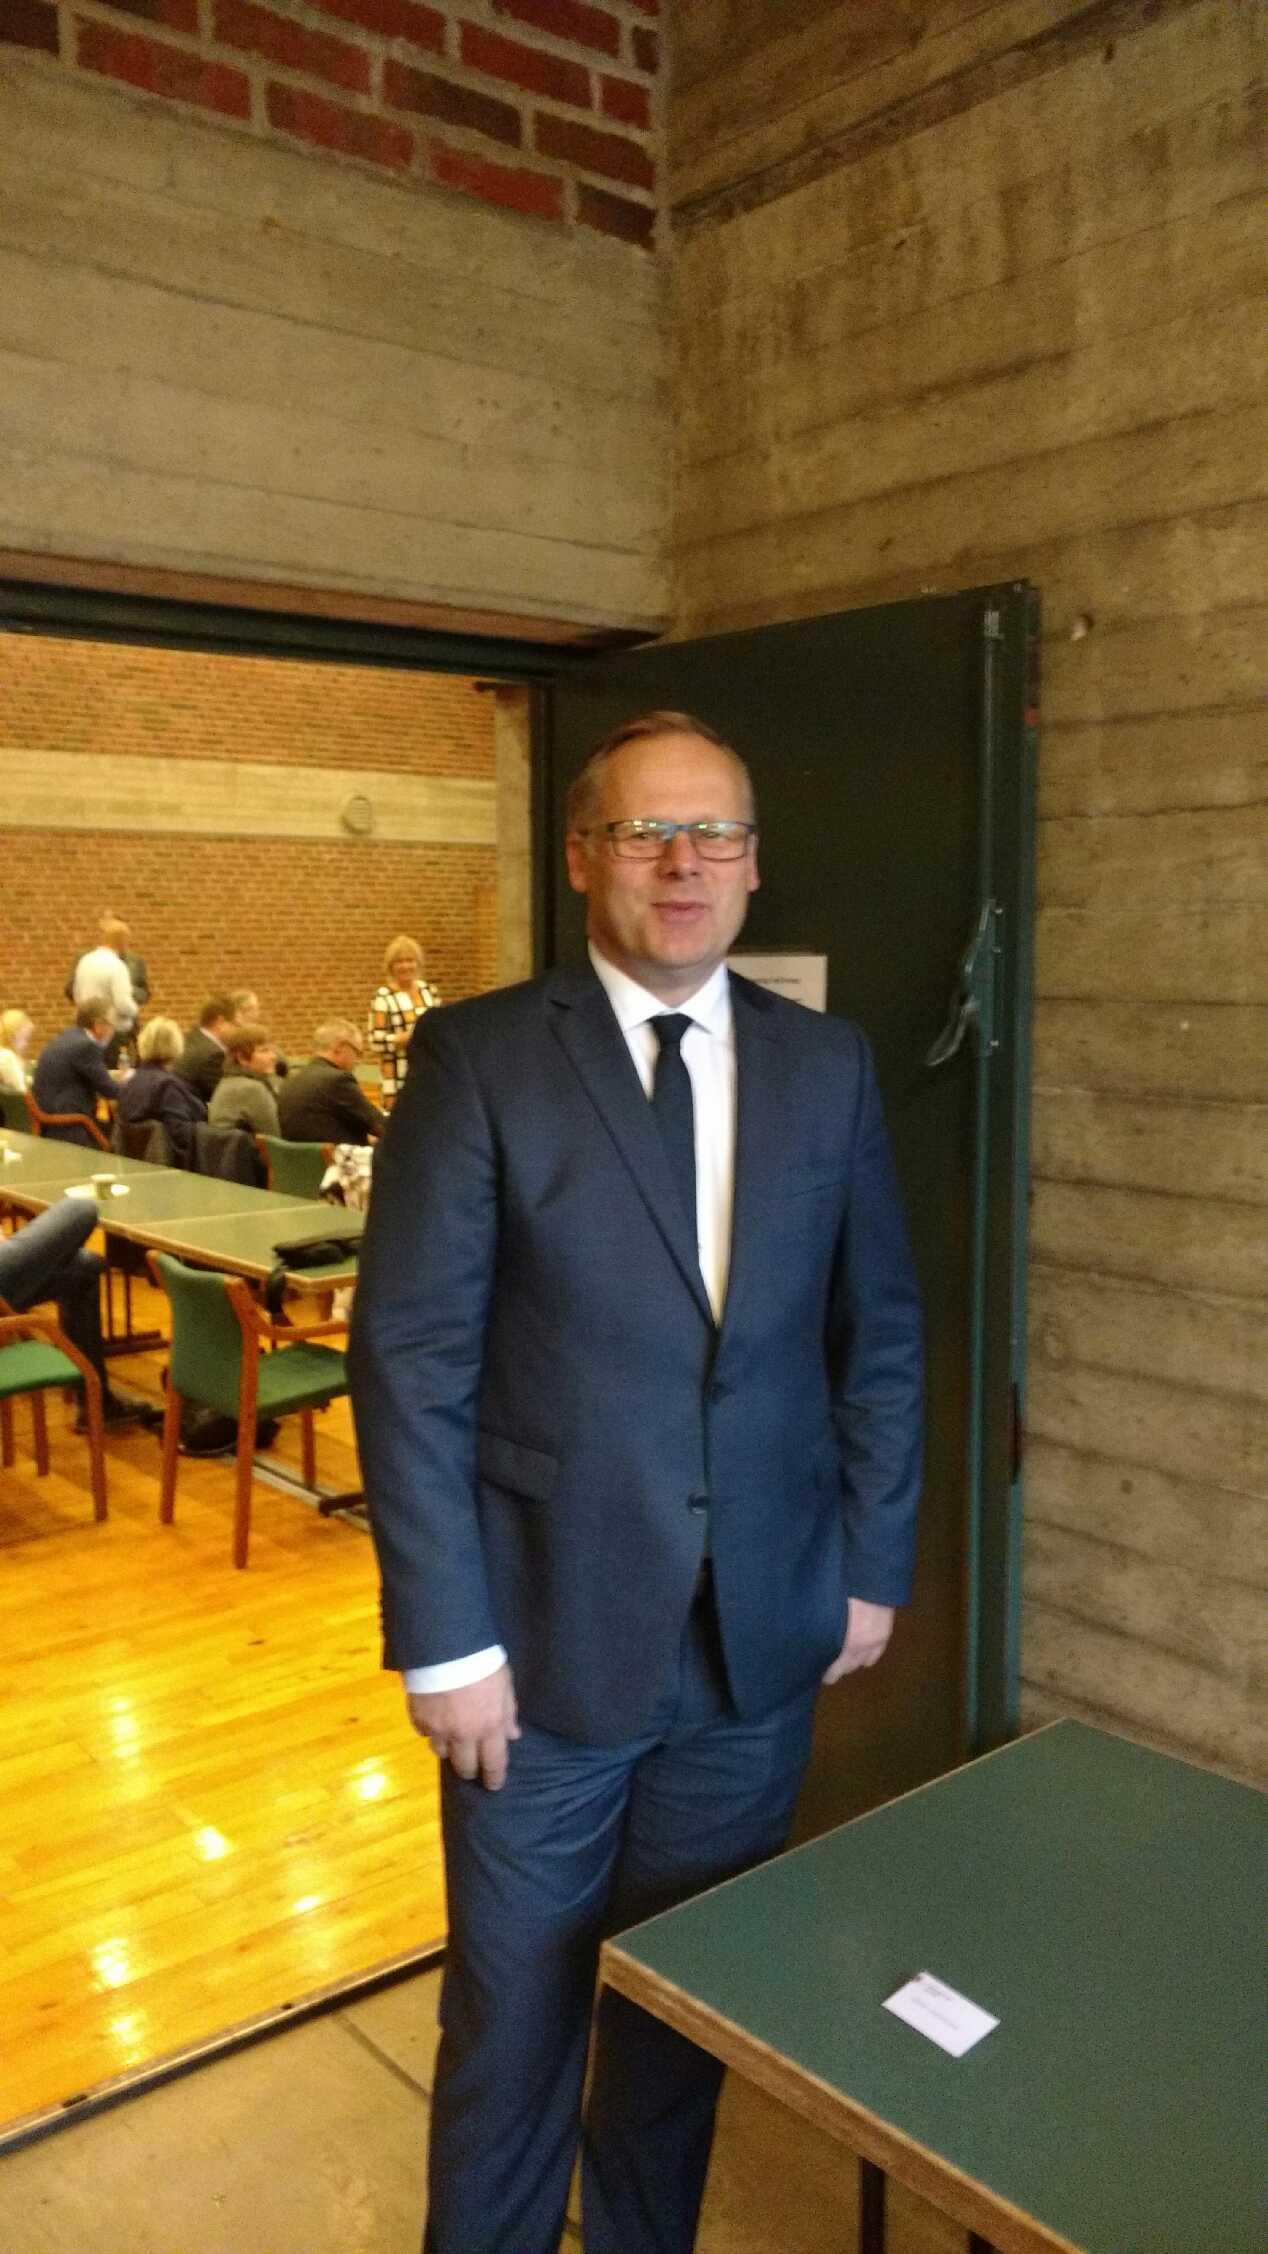 Fylkesmann Trond Rønning.jpg